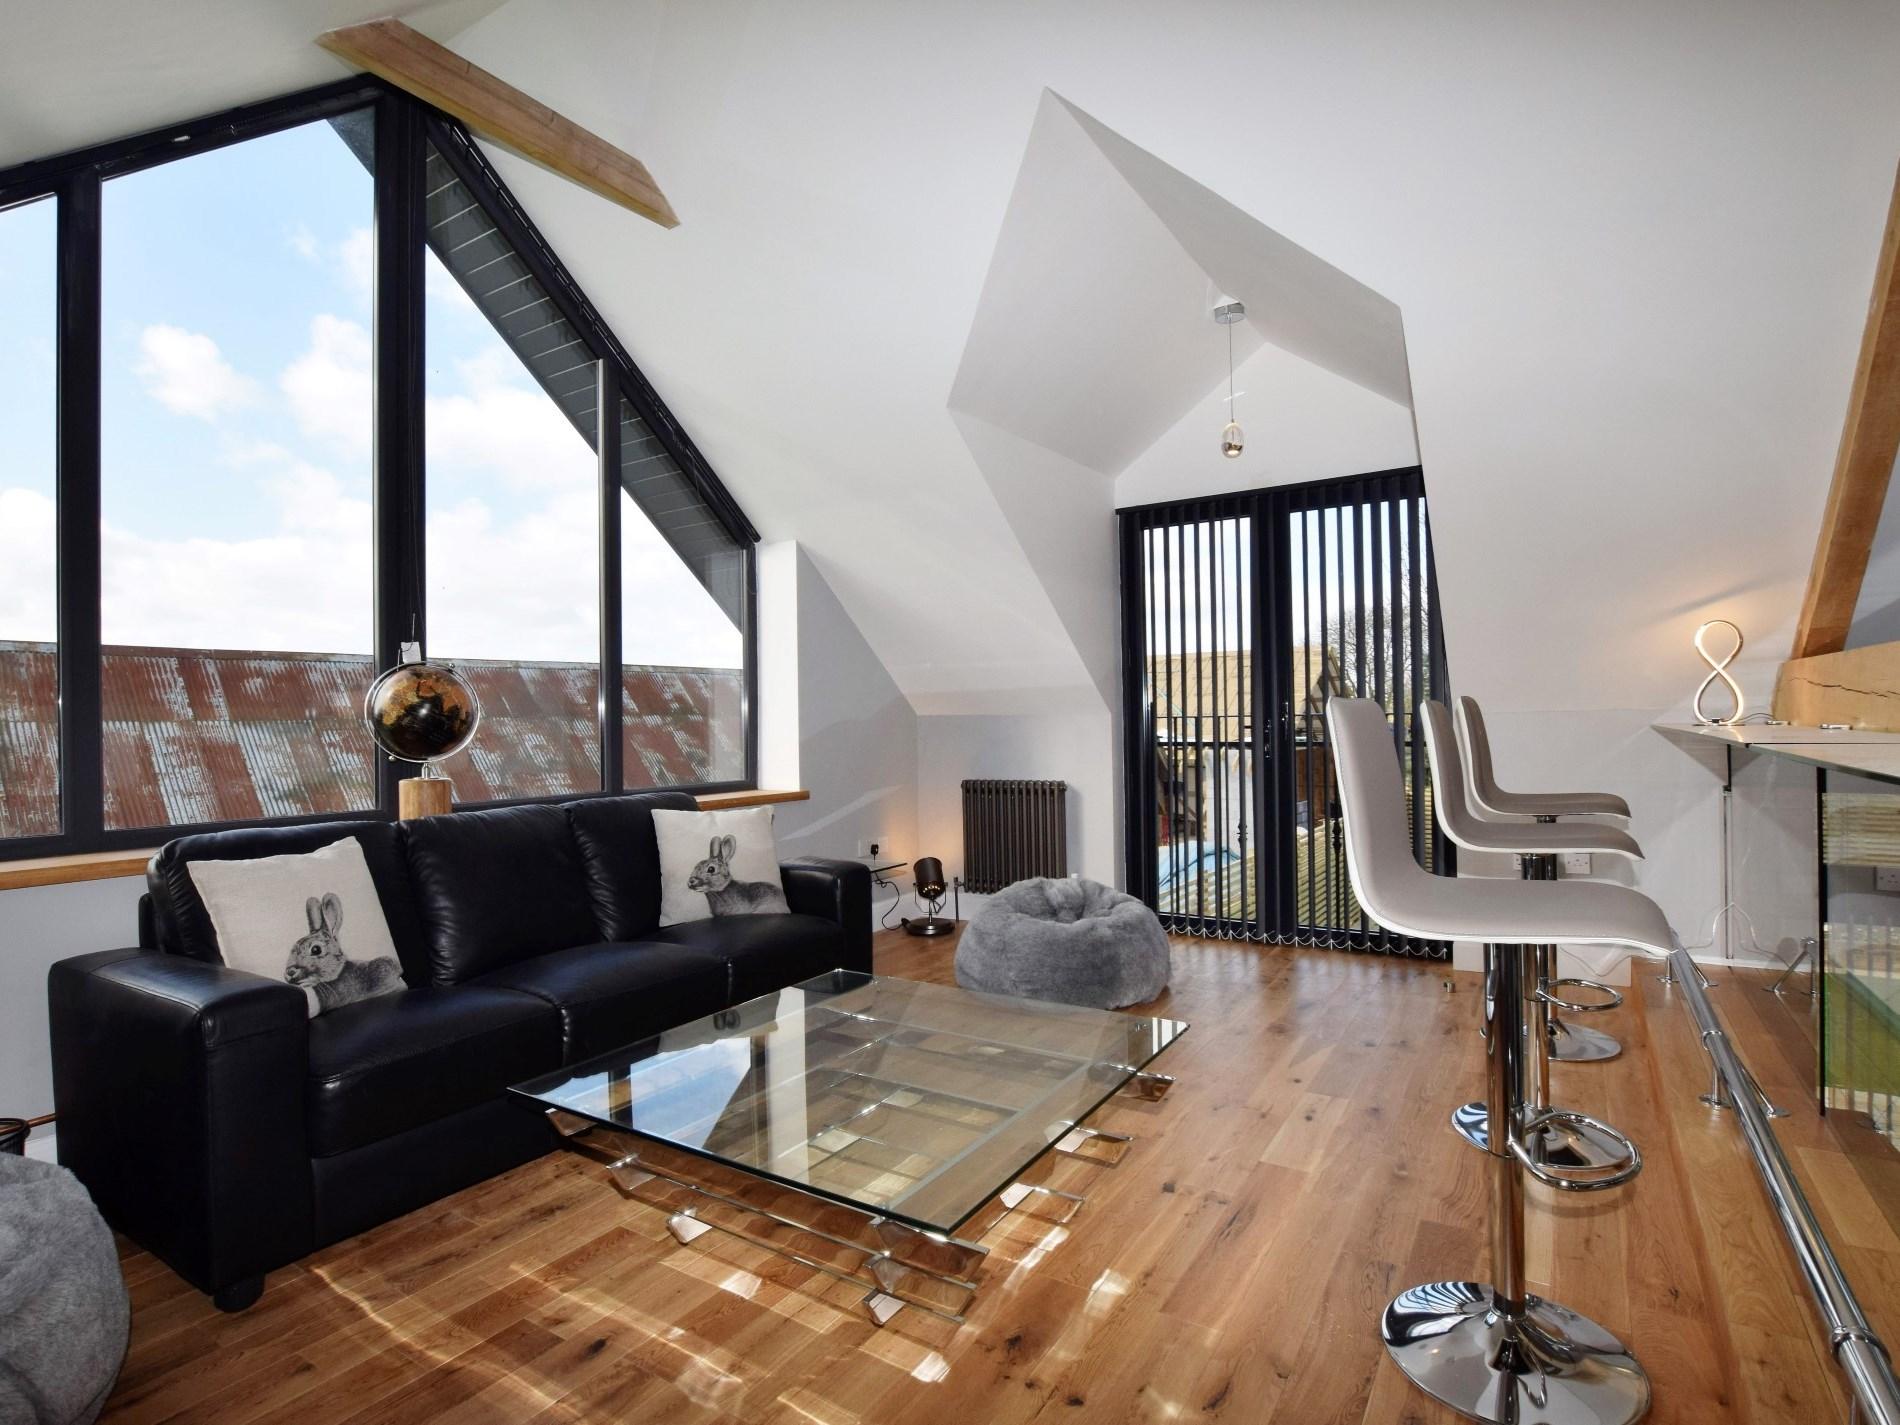 Light snug area overlooking open plan living space